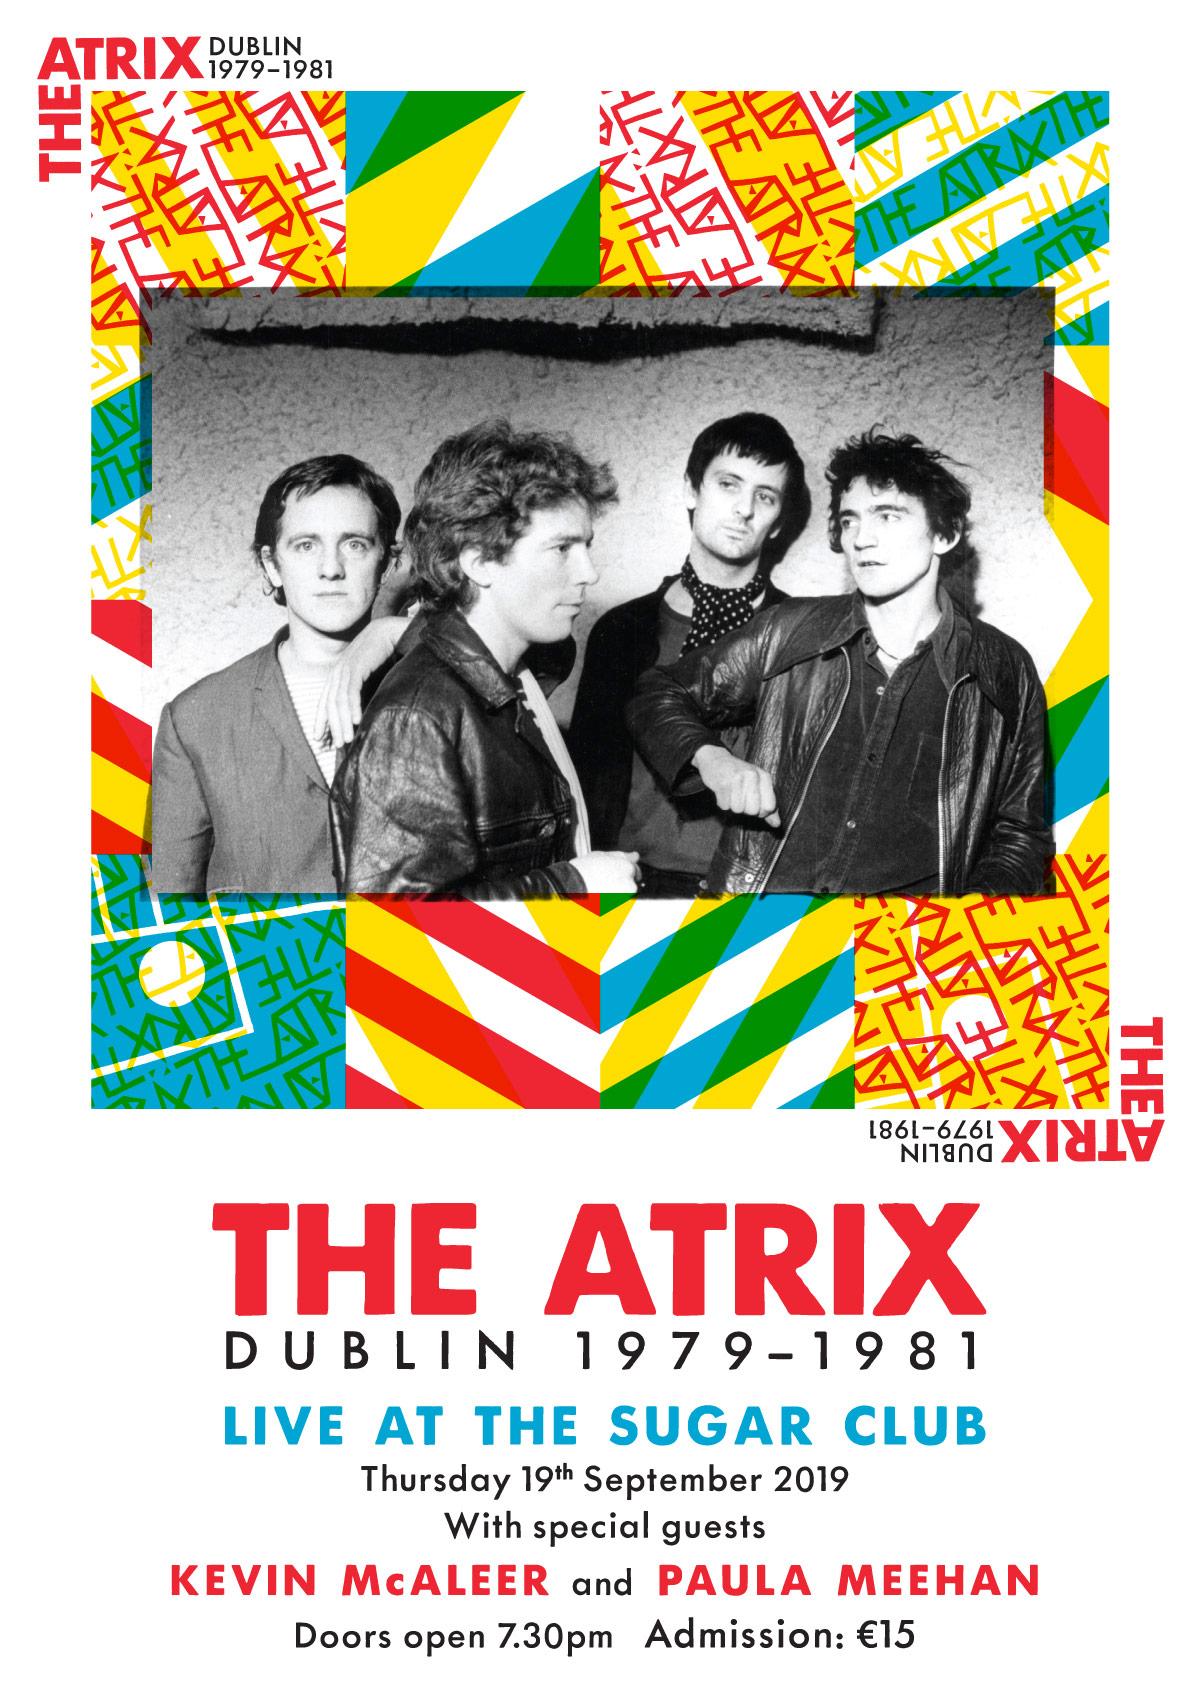 theatrix-sugarclub-a4